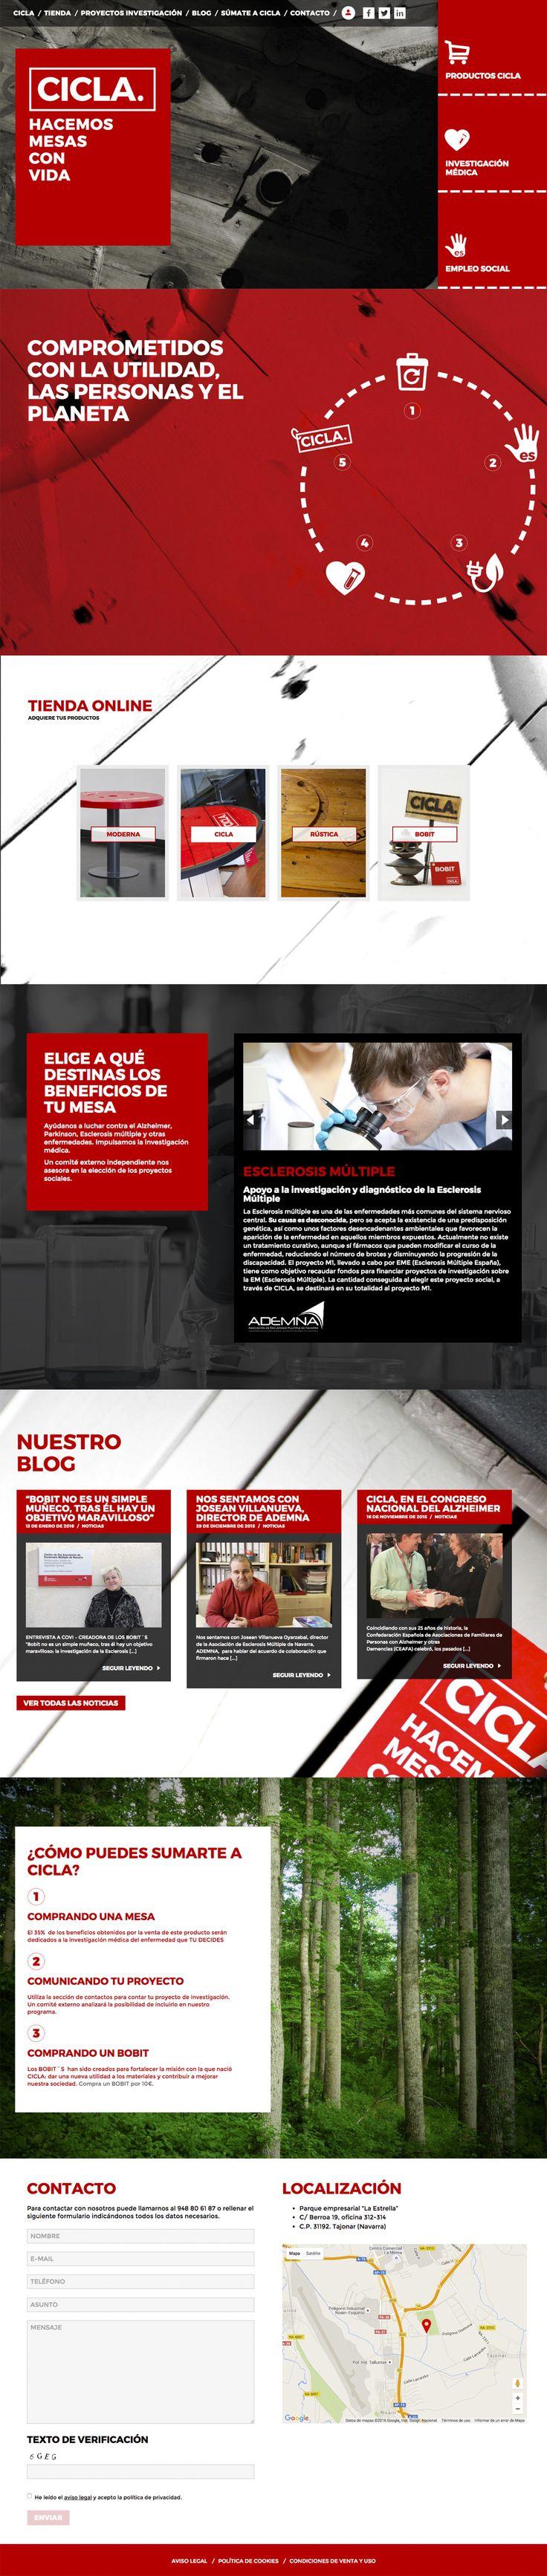 Web de CICLA, empresa comprometida con la utilidad, las personas y el planeta. #mesasconvida